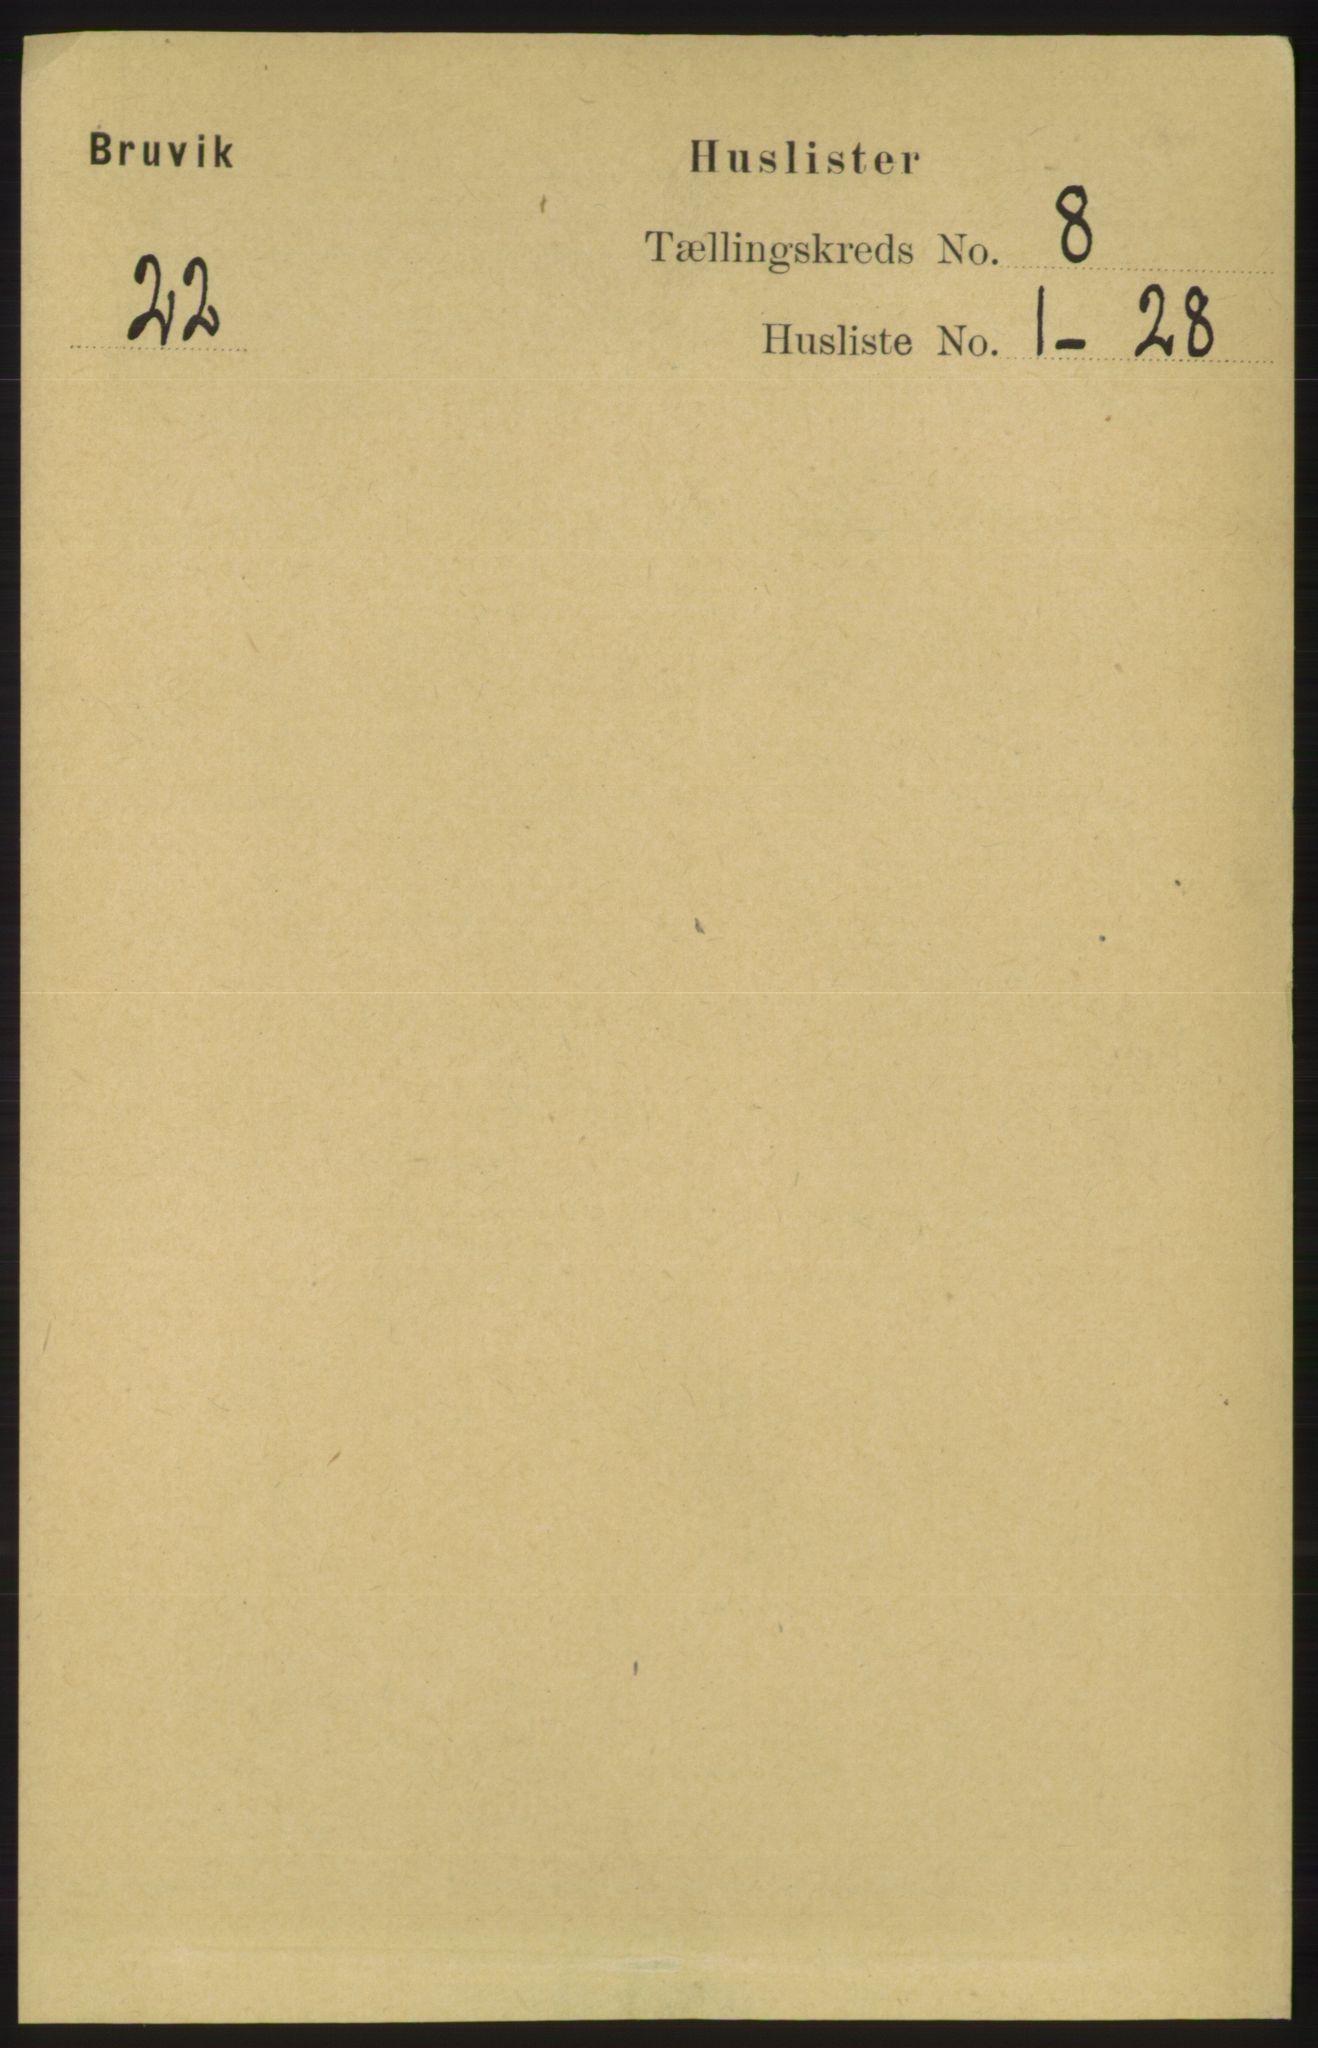 RA, Folketelling 1891 for 1251 Bruvik herred, 1891, s. 2860